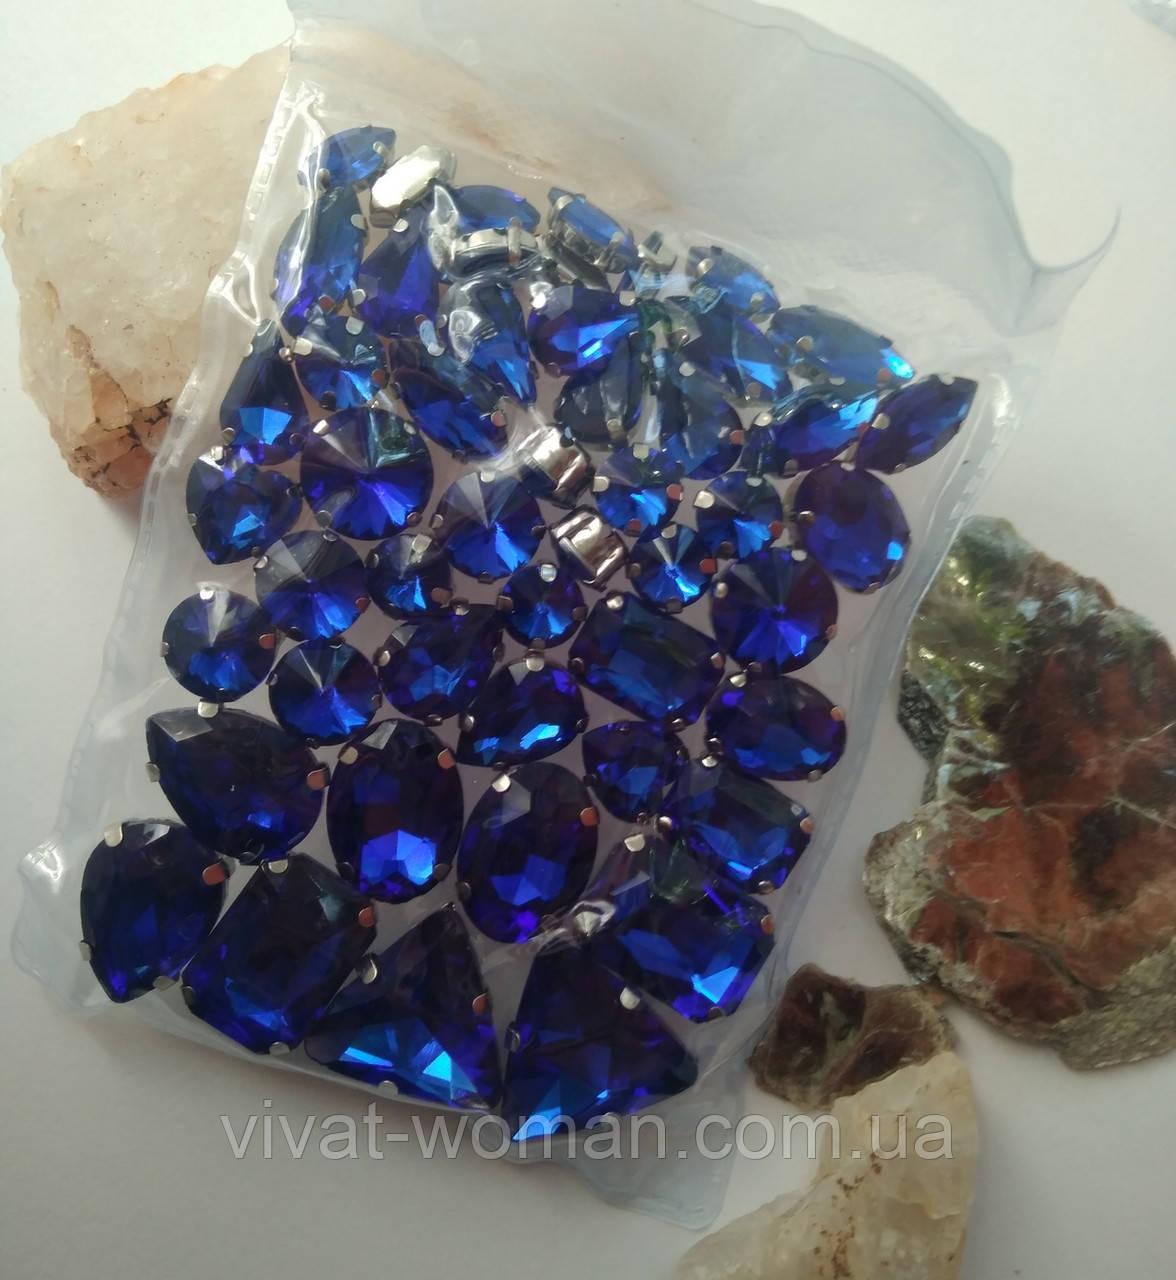 Стразы в цапах, Sapphire, стекло, серебряная оправа. Микс. Цена за 50 шт